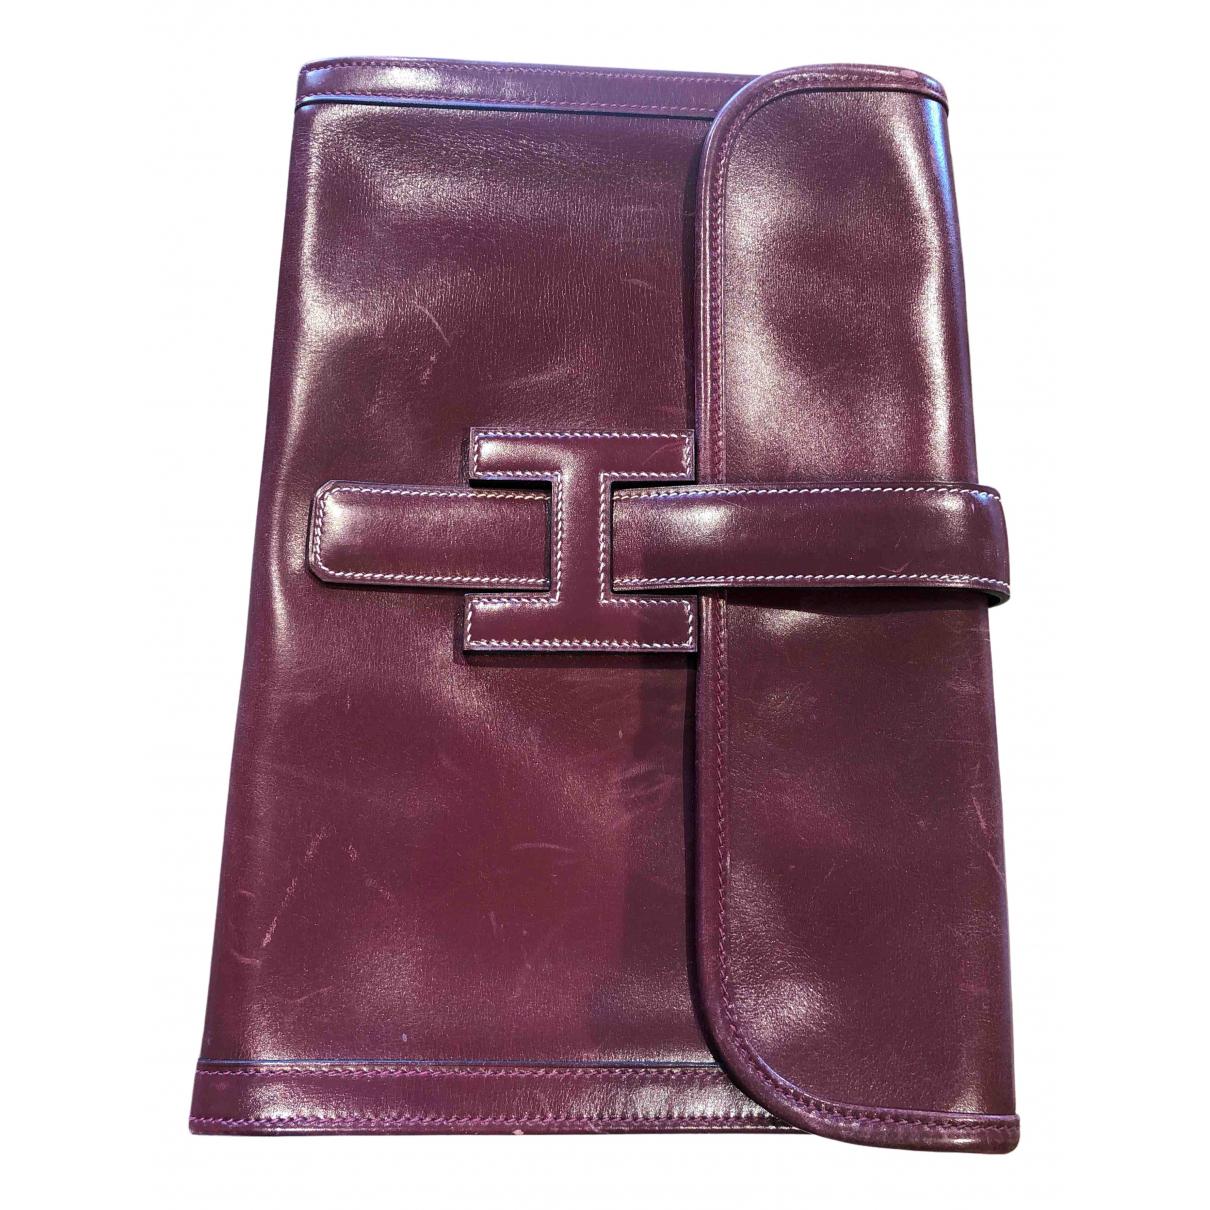 Hermes Jige Clutch in  Bordeauxrot Leder